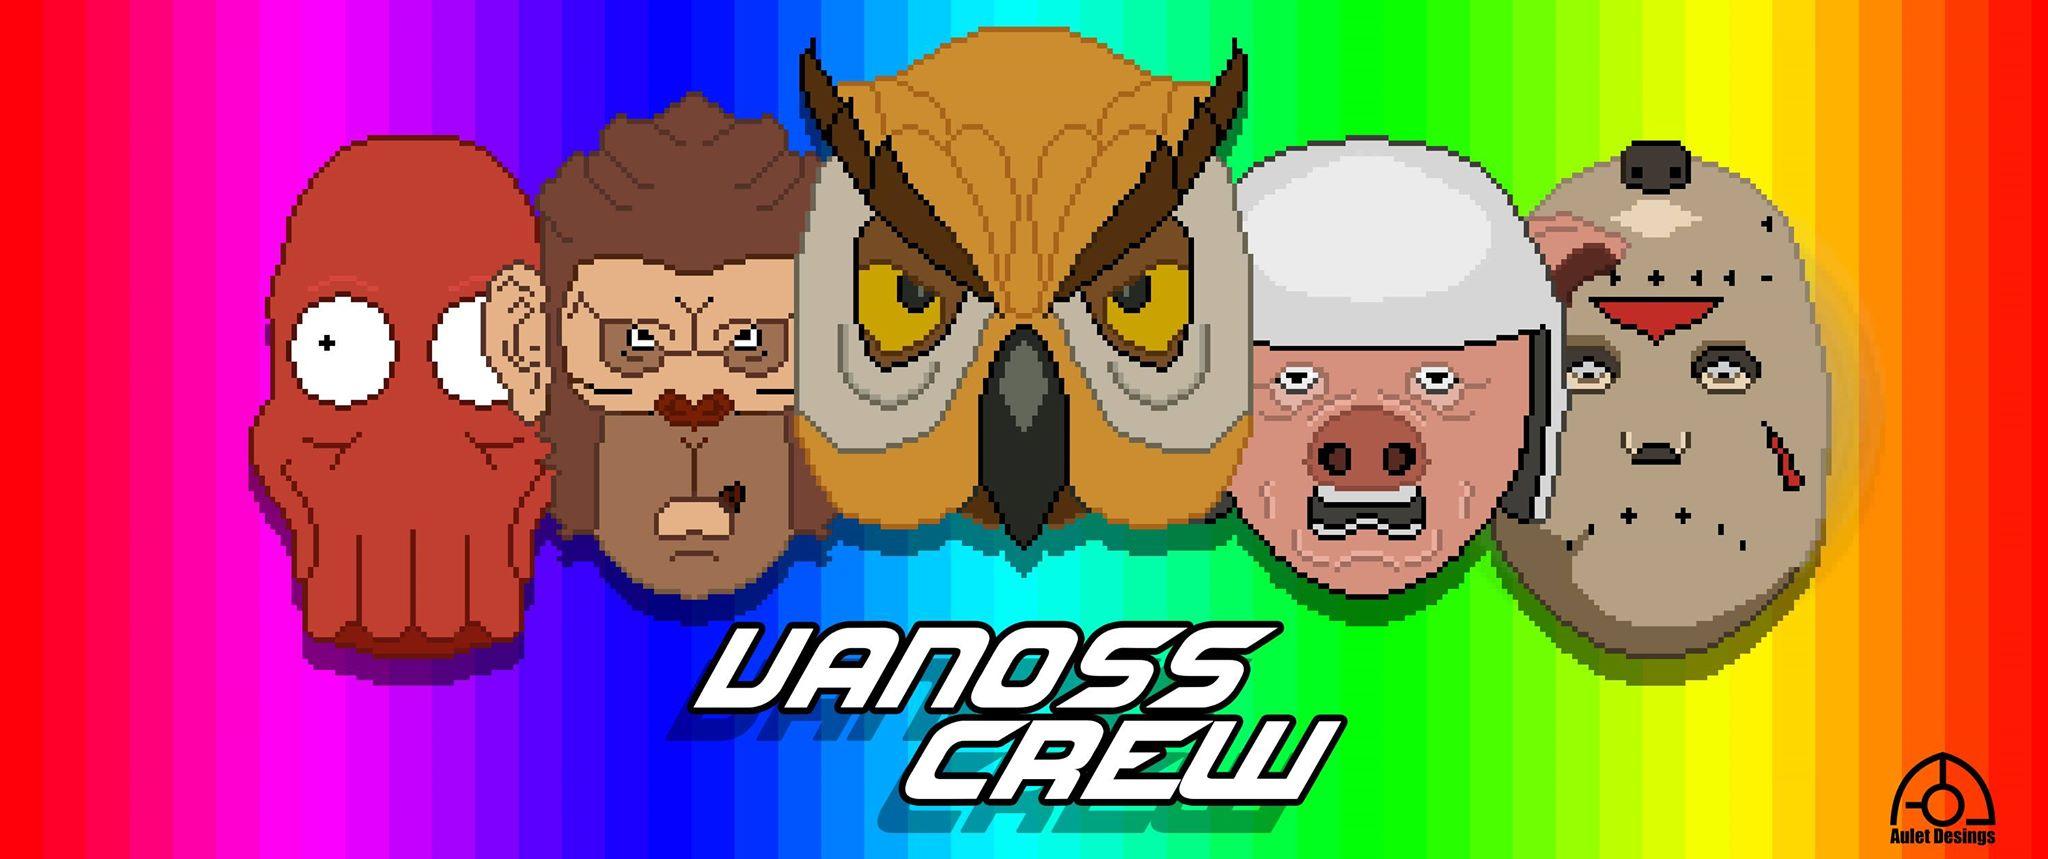 Vanoss Crew by AAULET